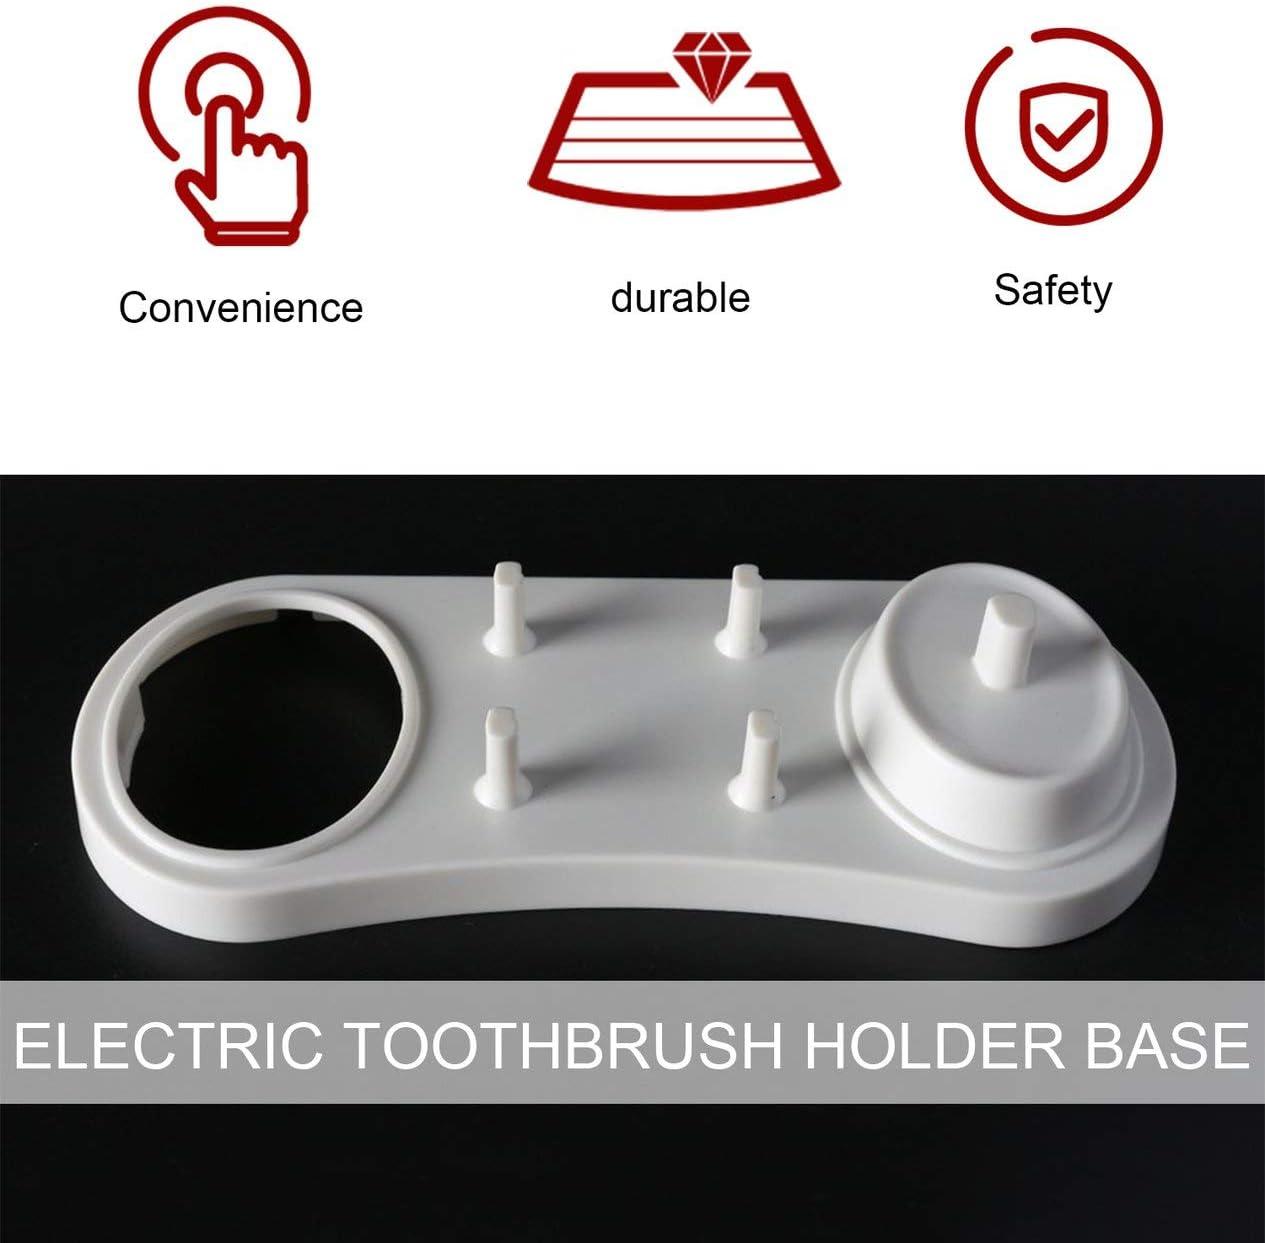 BCVBFGCXVB Staffa Porta spazzolino Elettrico Bianco 2 Base Supporto Stander spazzolino Base Testina 4 spazzolini con 1 Foro Caricatore Bianco